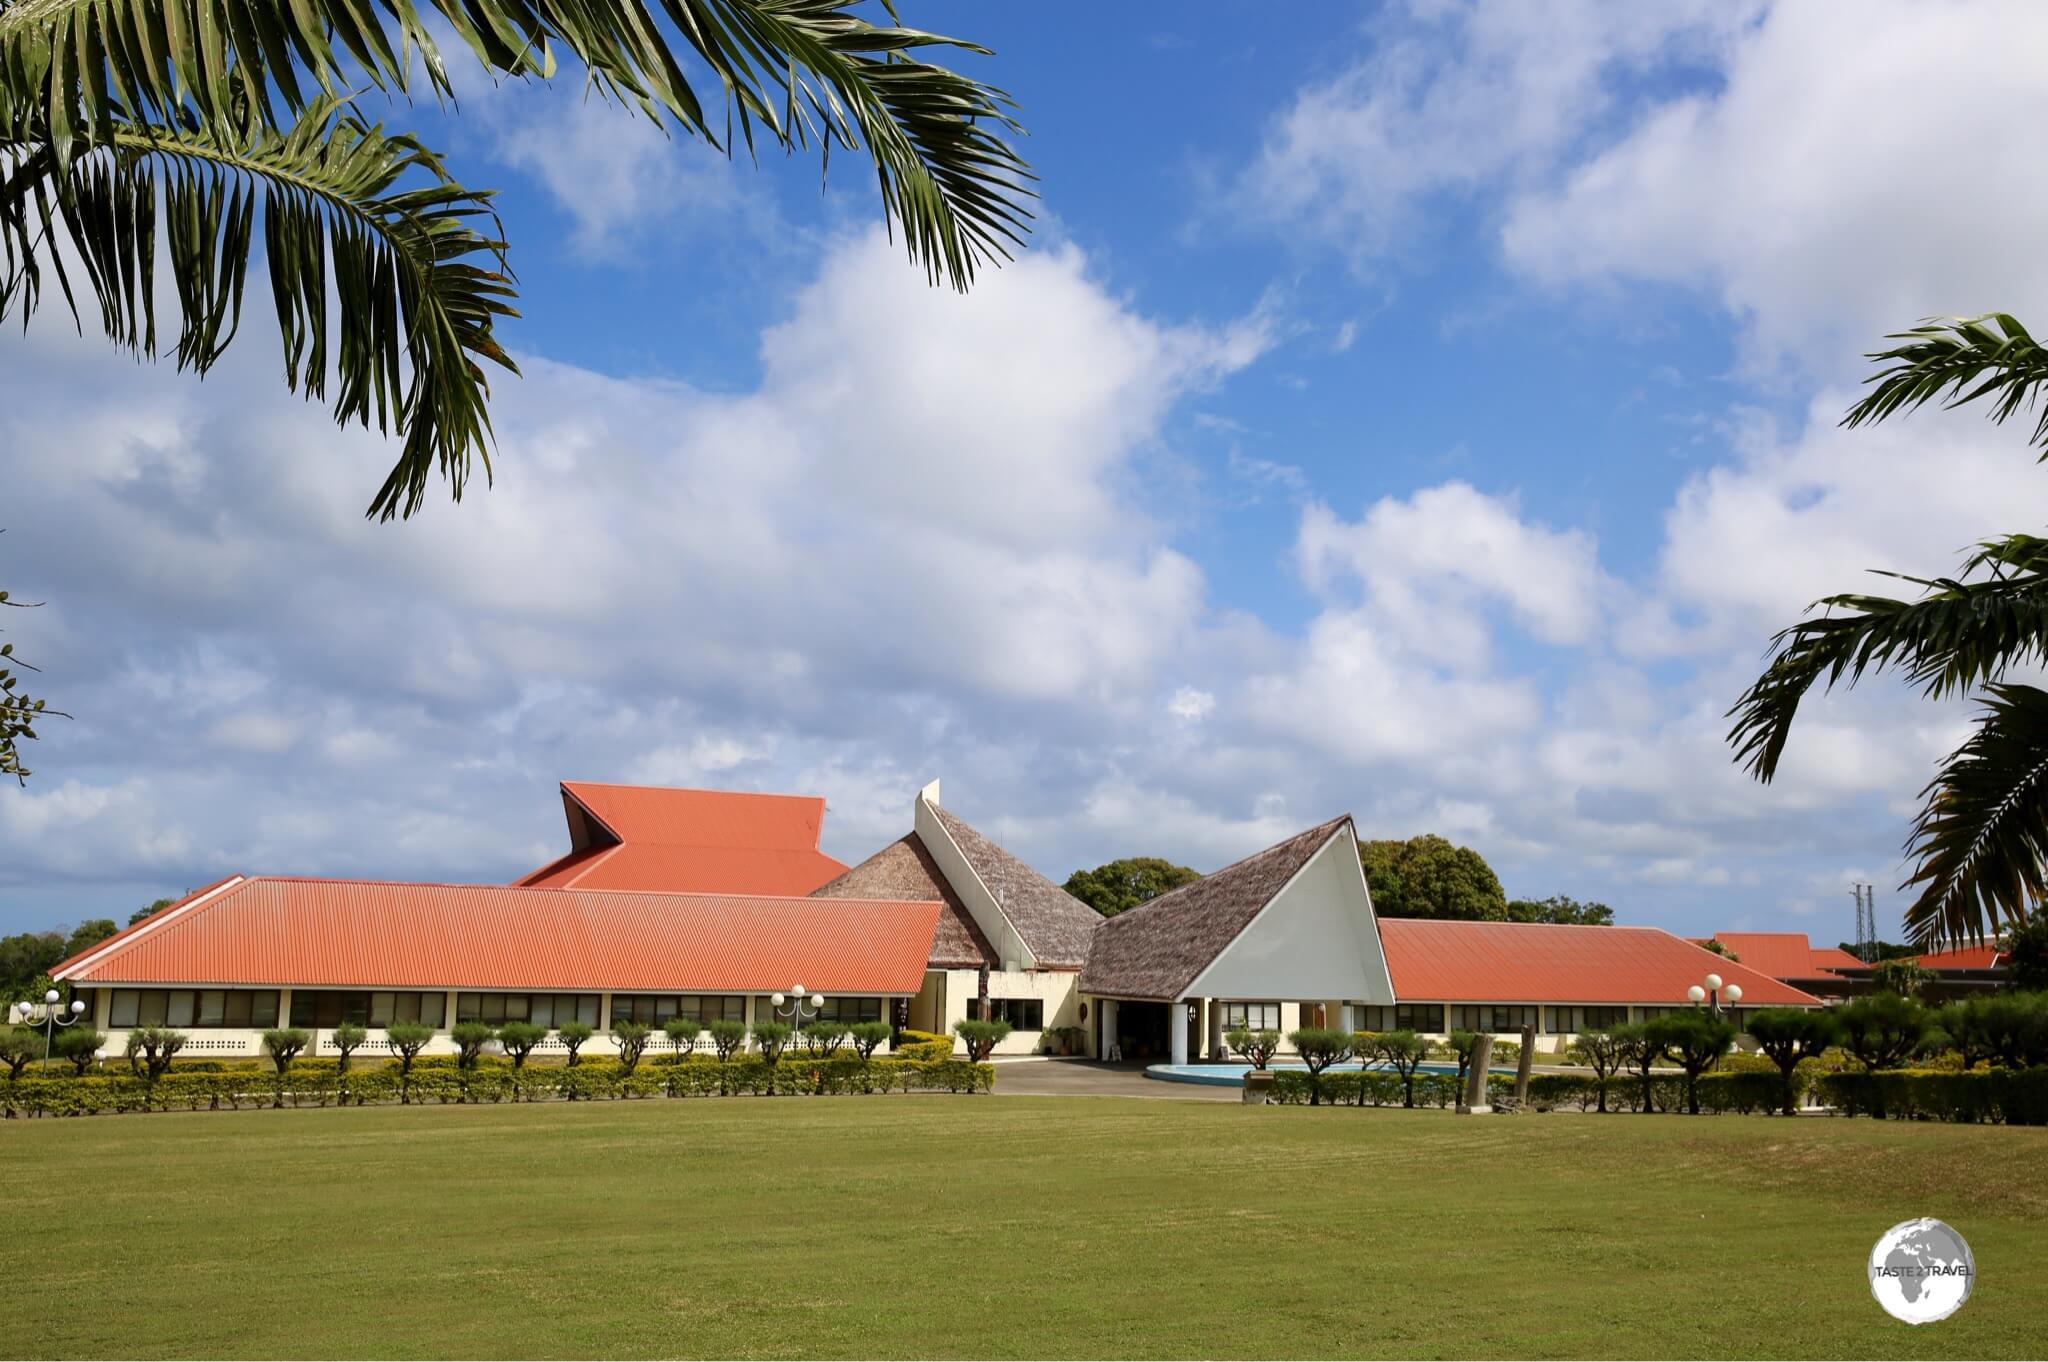 Vanuatu Parliament House in Port Vila.